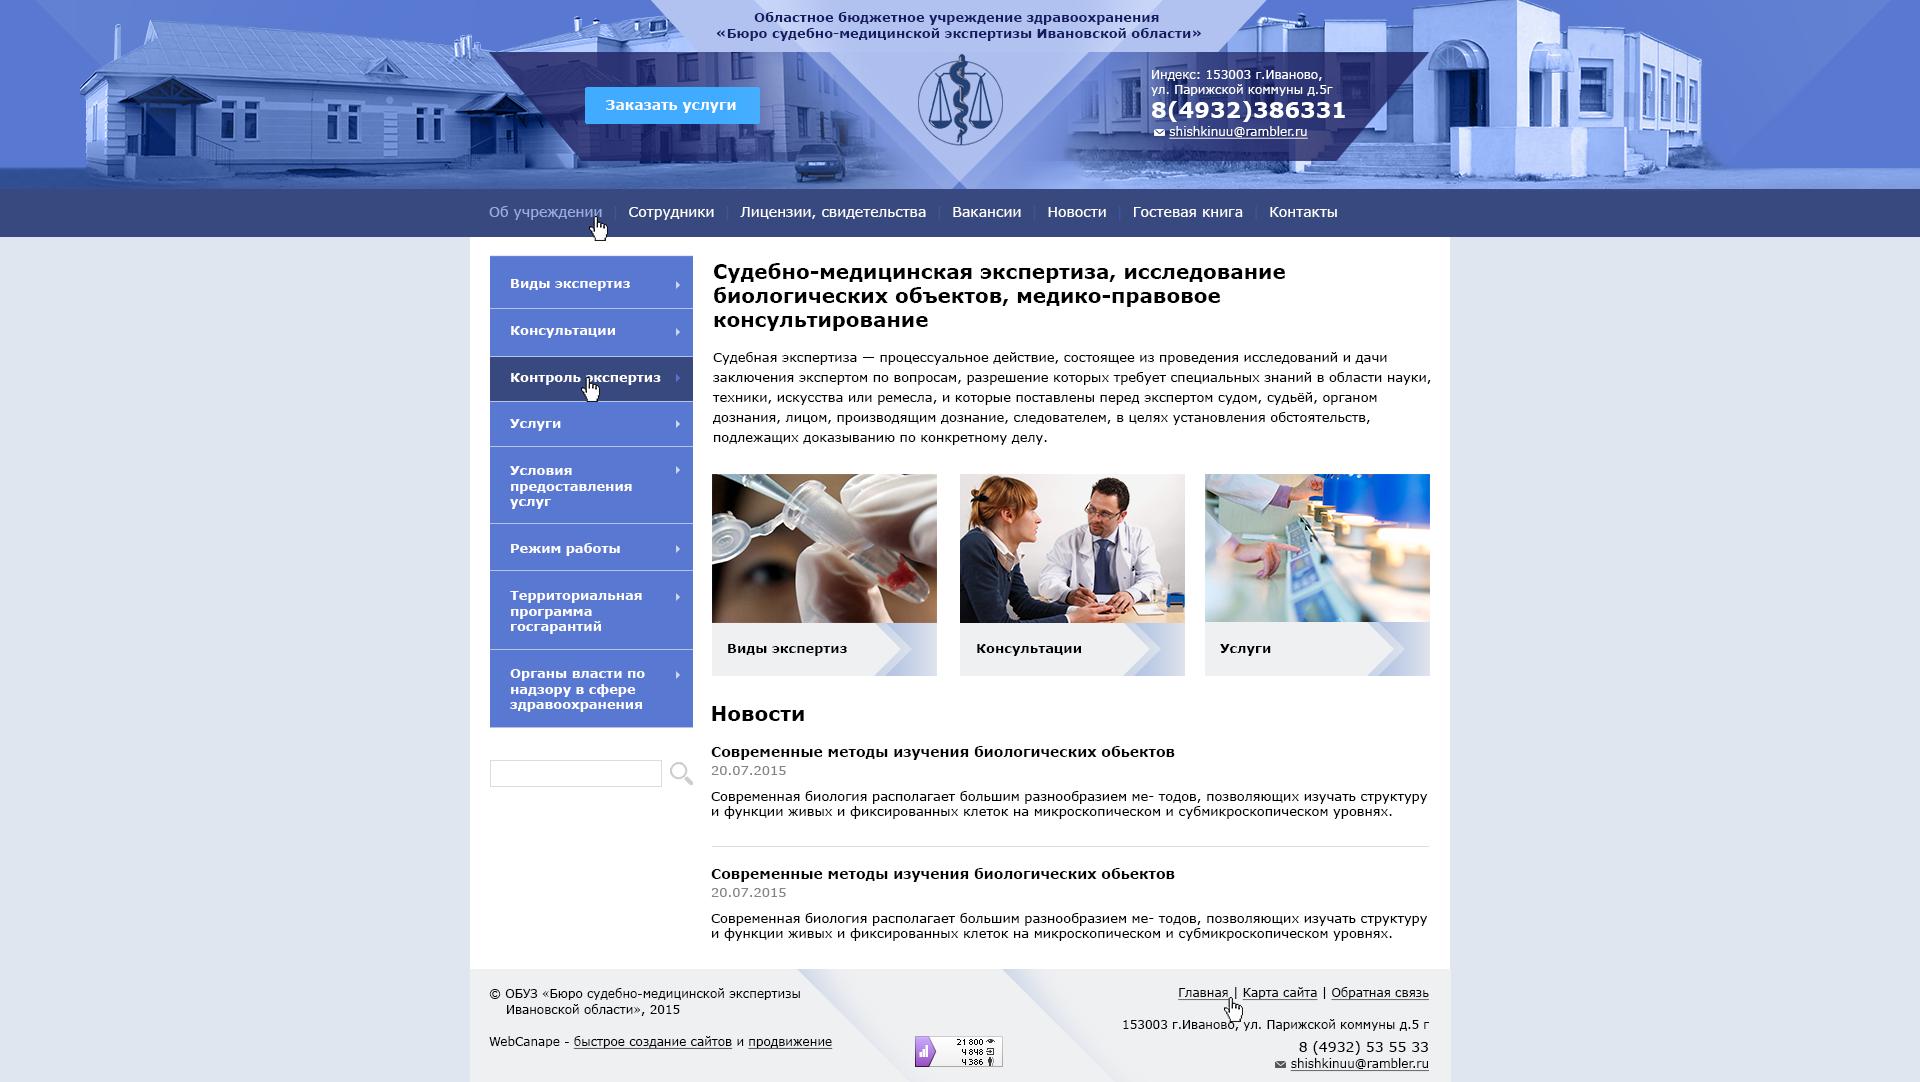 Разработка информационного сайта для ОБУЗ «Бюро судебно-медицинской экспертизы Ивановской области»